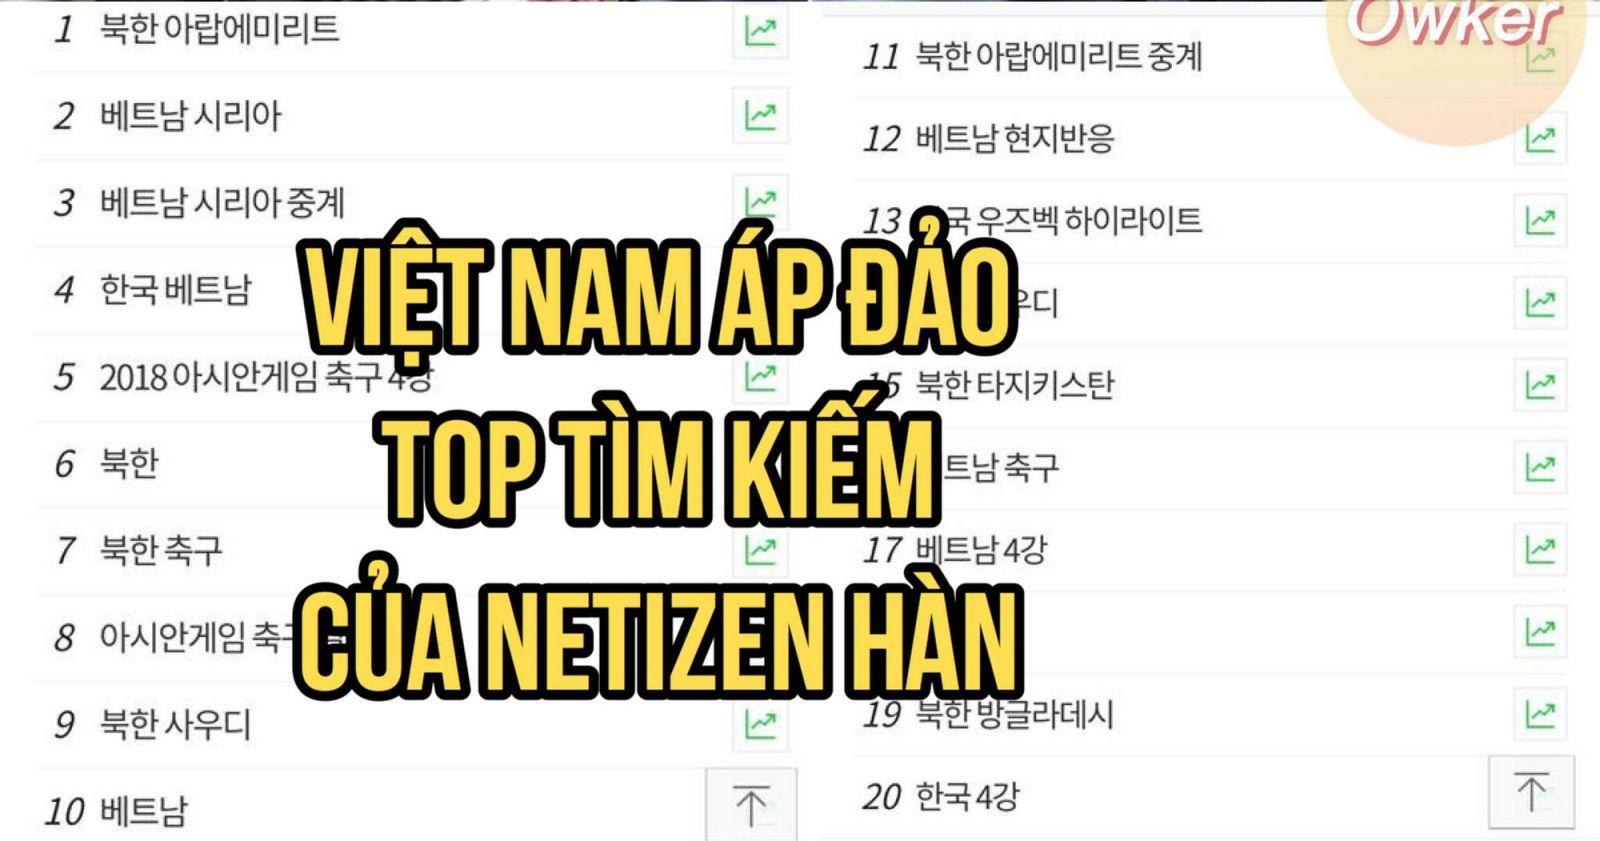 Sau chiến thắng lịch sử, Việt Nam đang là từ khoá được người Hàn tìm kiếm điên cuồng